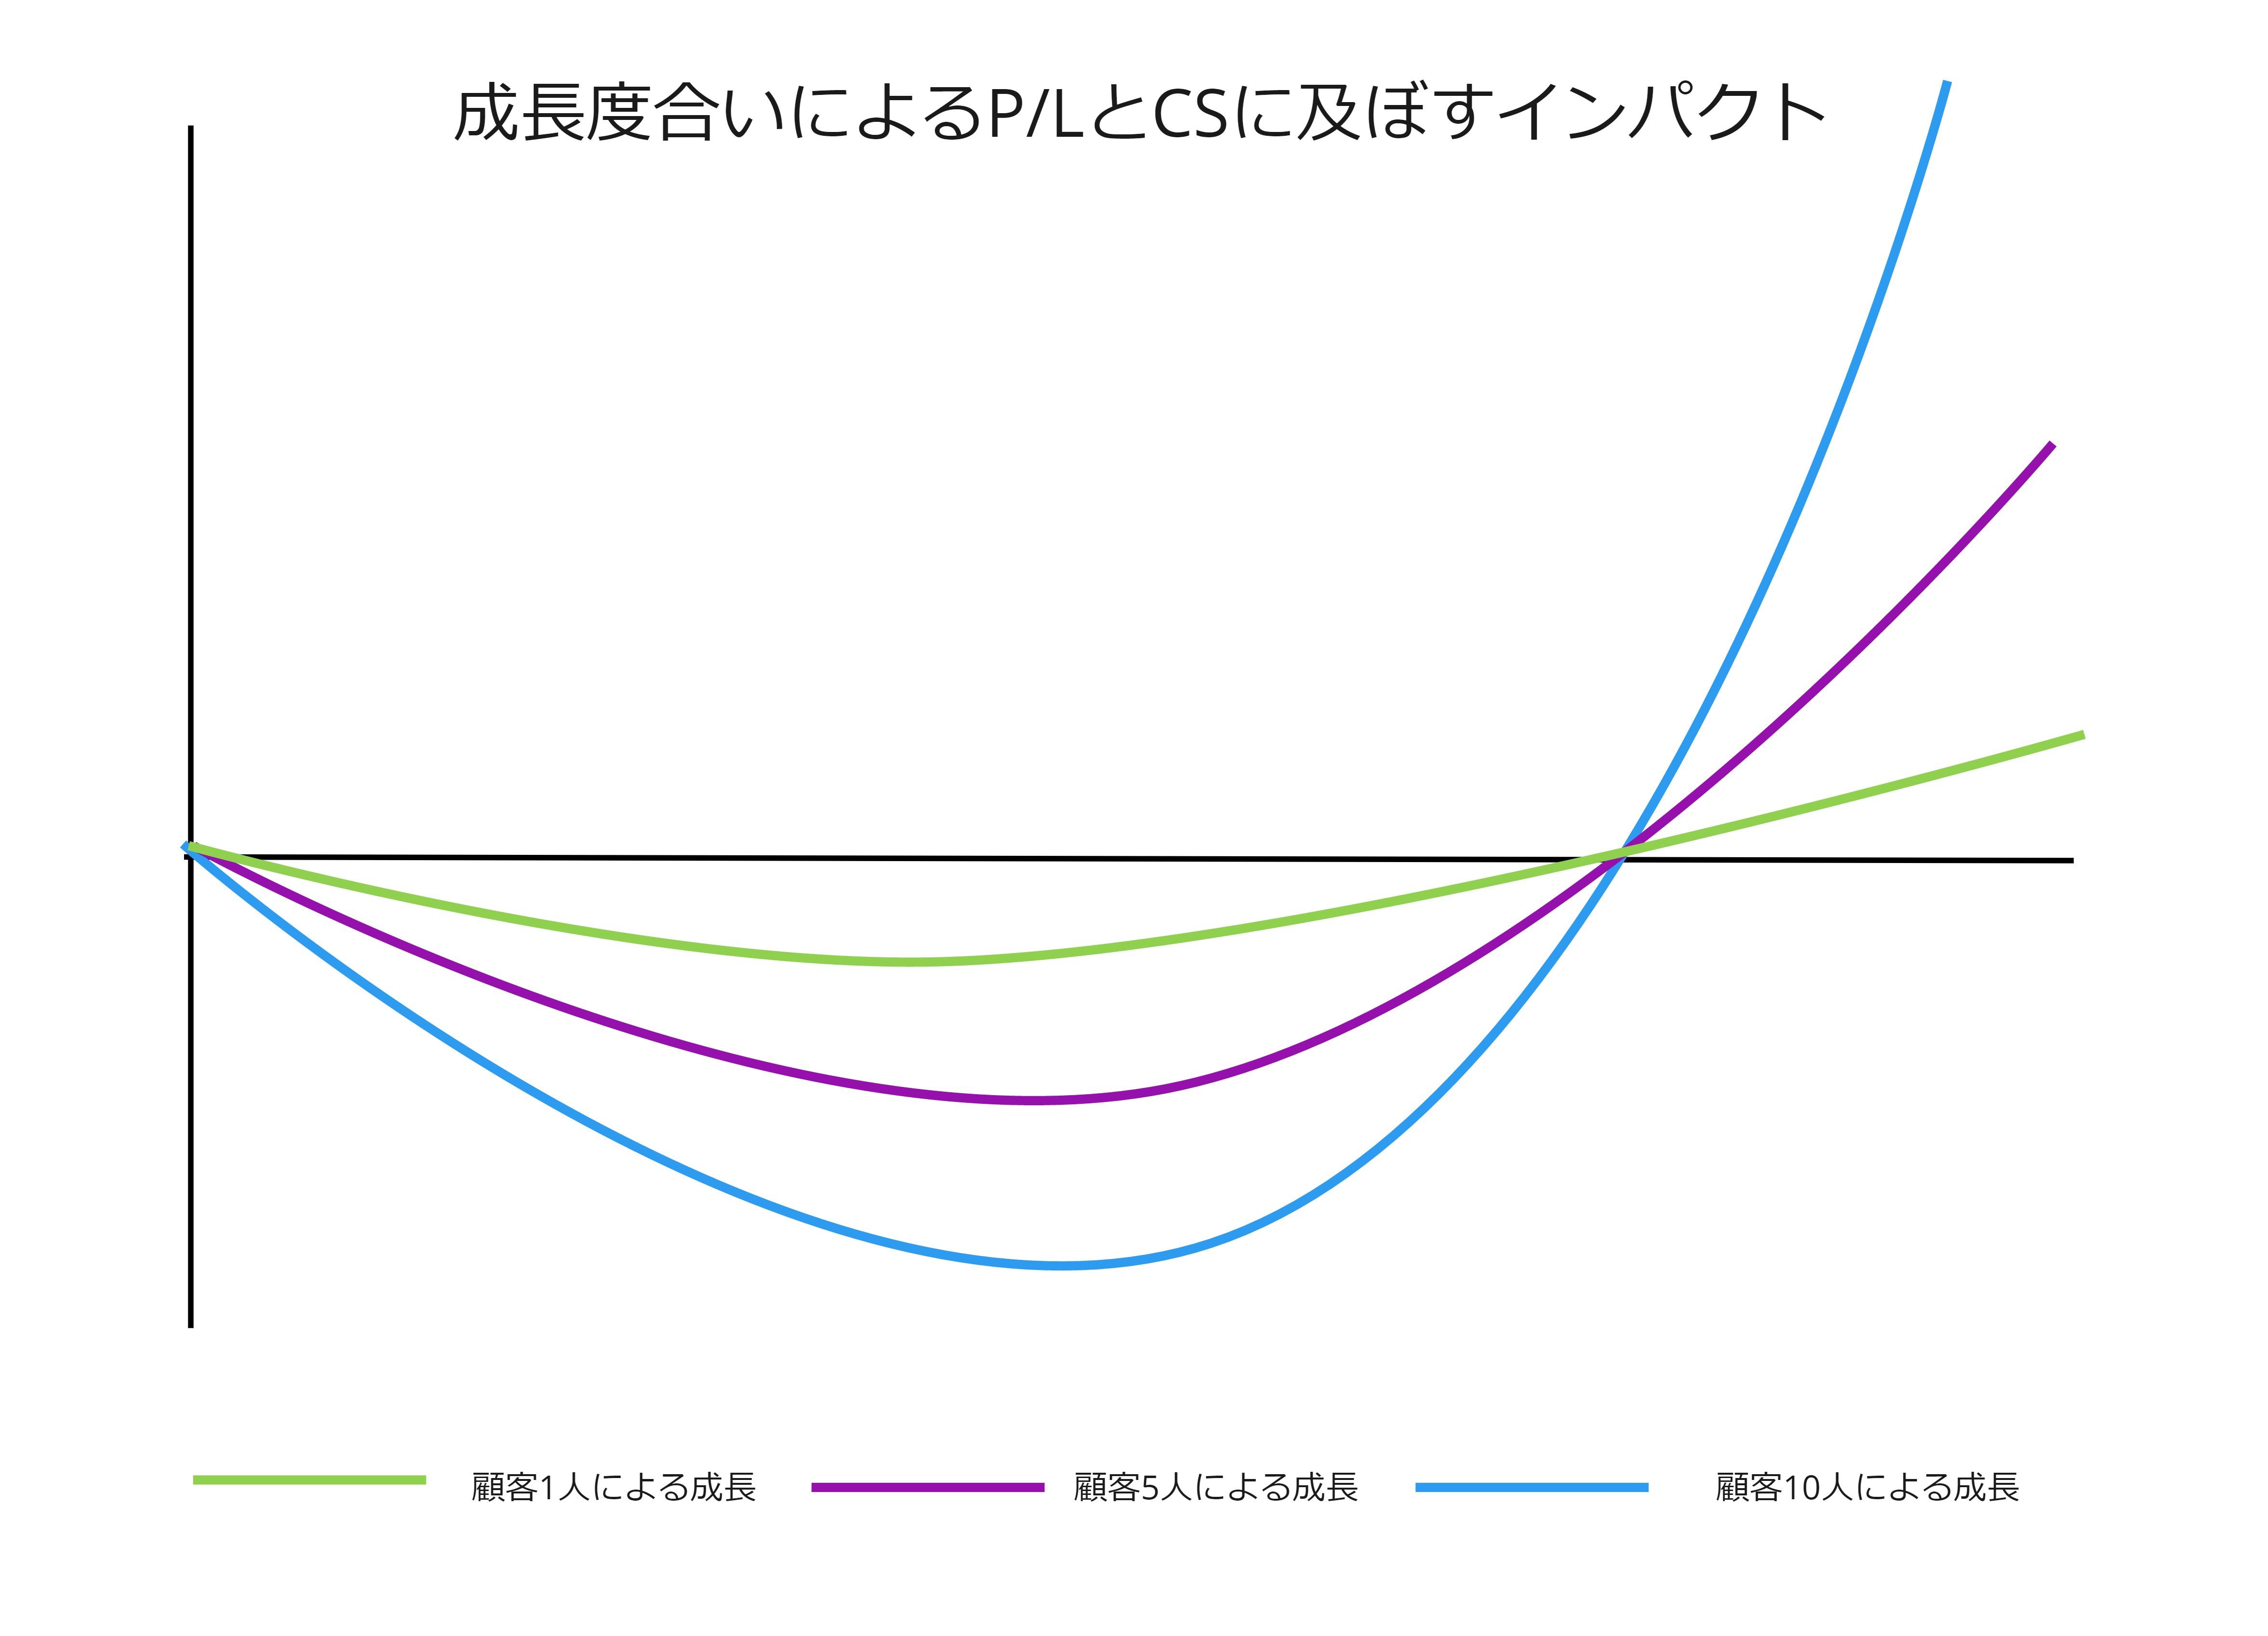 成長度合いによるP/LとCSに及ぼすインパクト